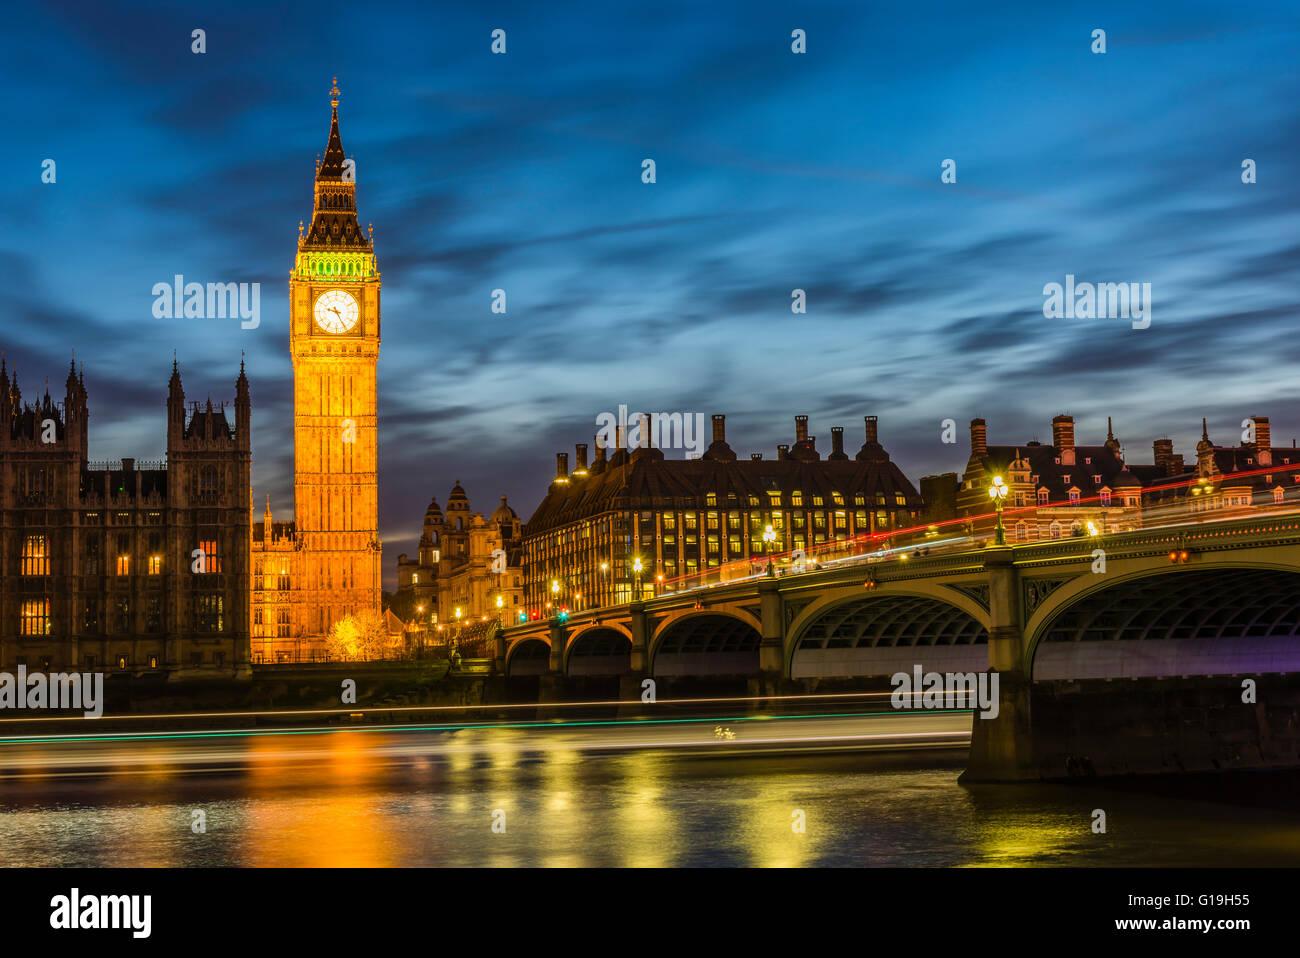 Une exposition longue, après le coucher du soleil la capture des autobus sur le pont de Westminster et bateaux Photo Stock